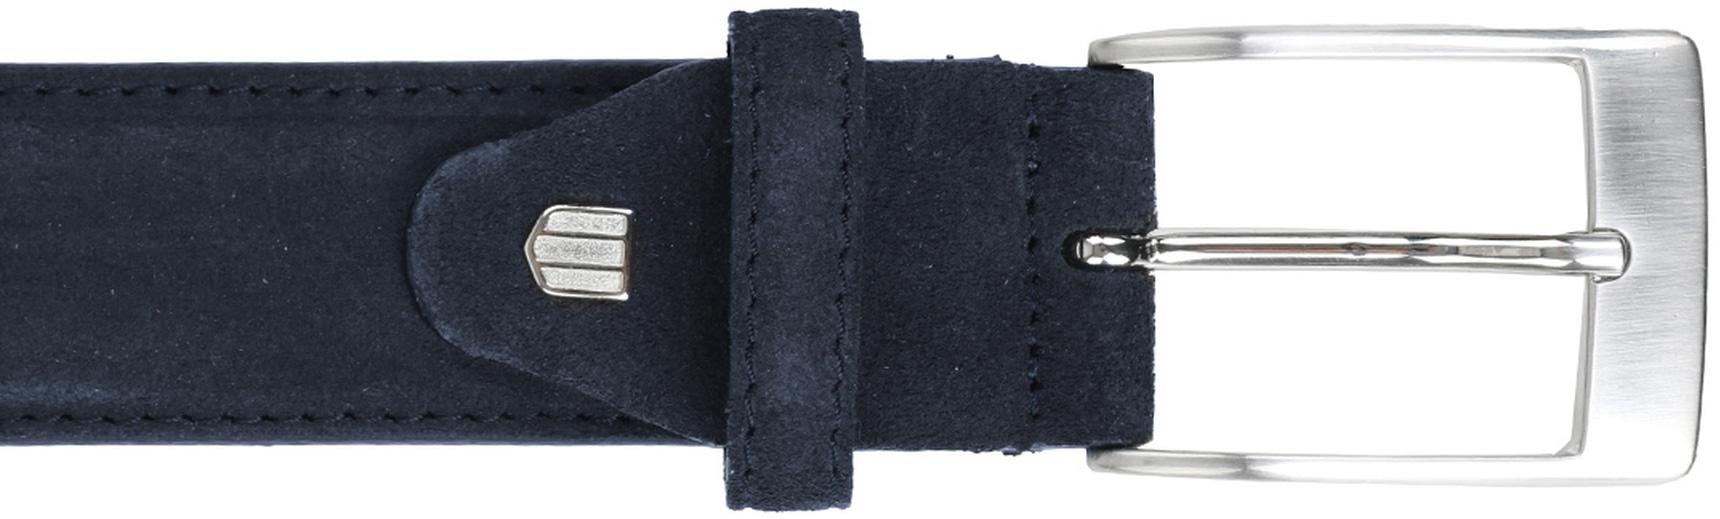 Profuomo Suede Dark blue Belt  foto 1